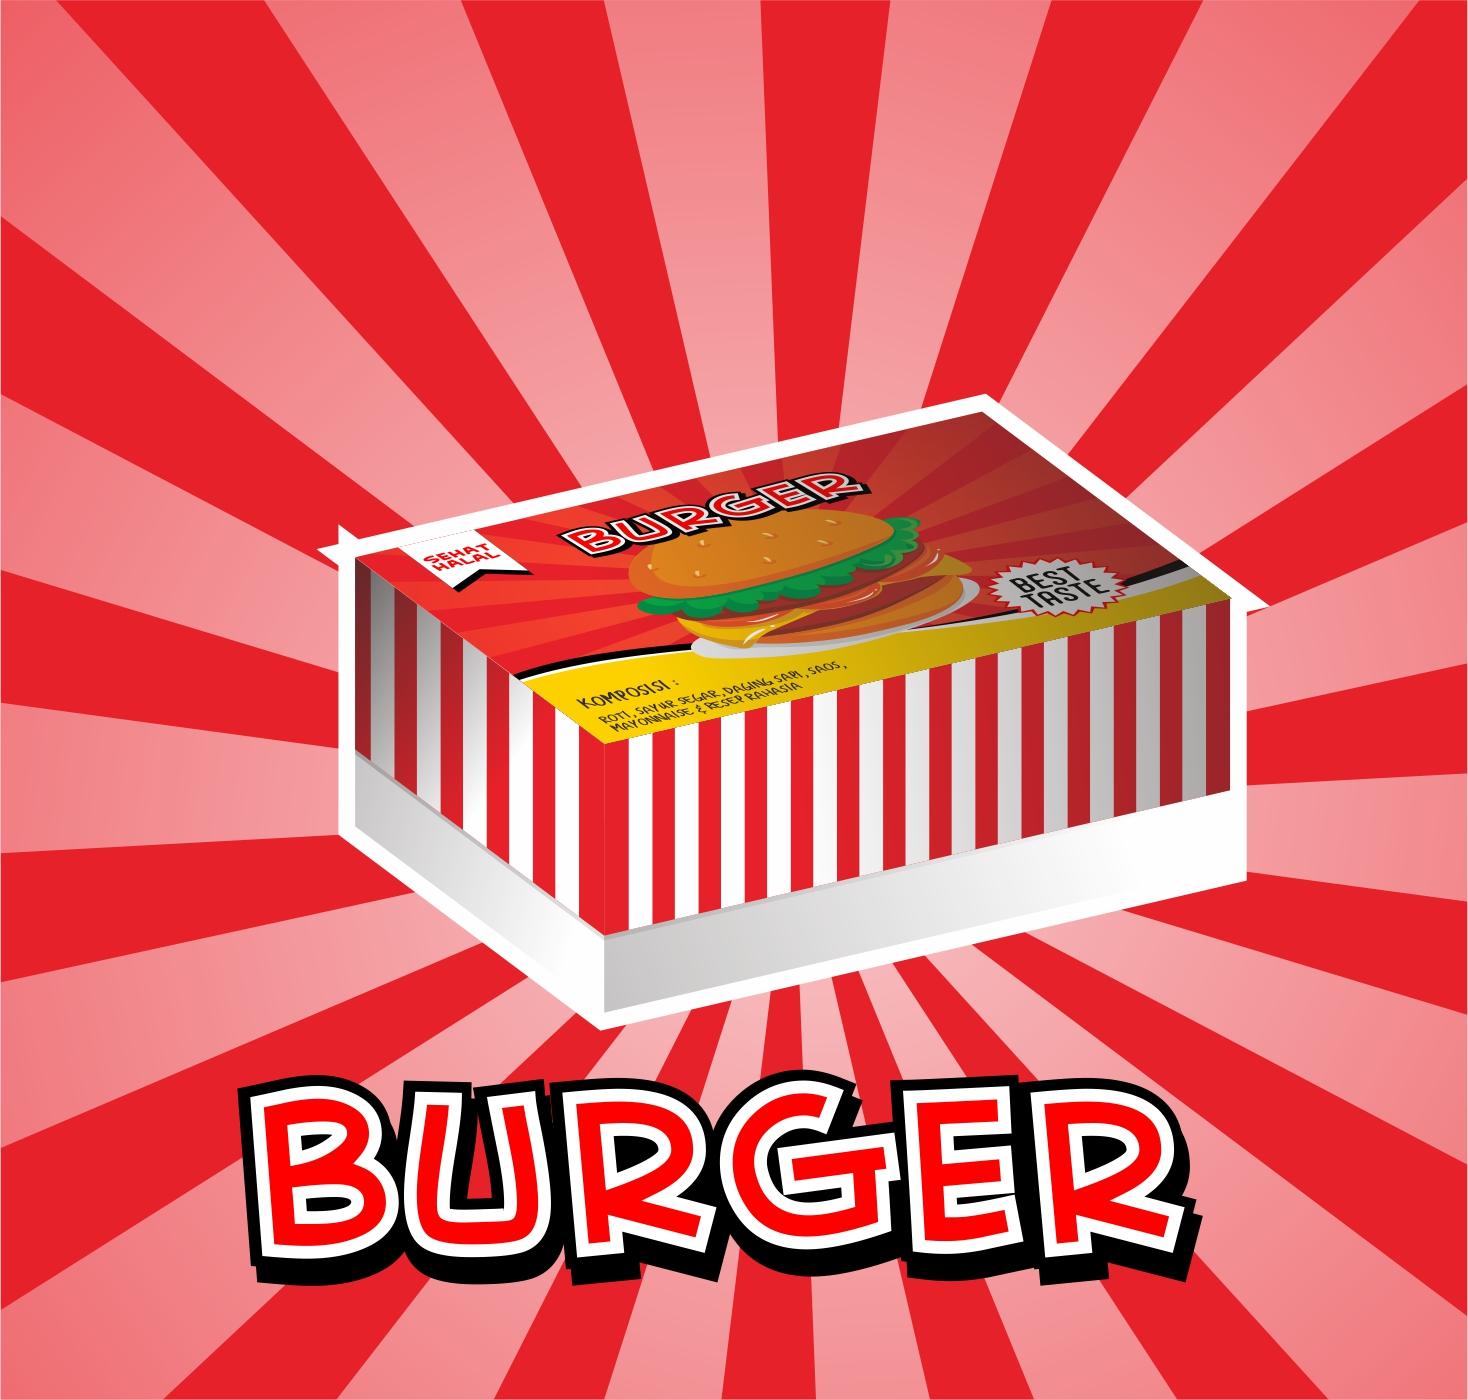 Desain Kemasancoreldraw: Download Contoh Packaging Burger/ Roti Dengan CorelDraw